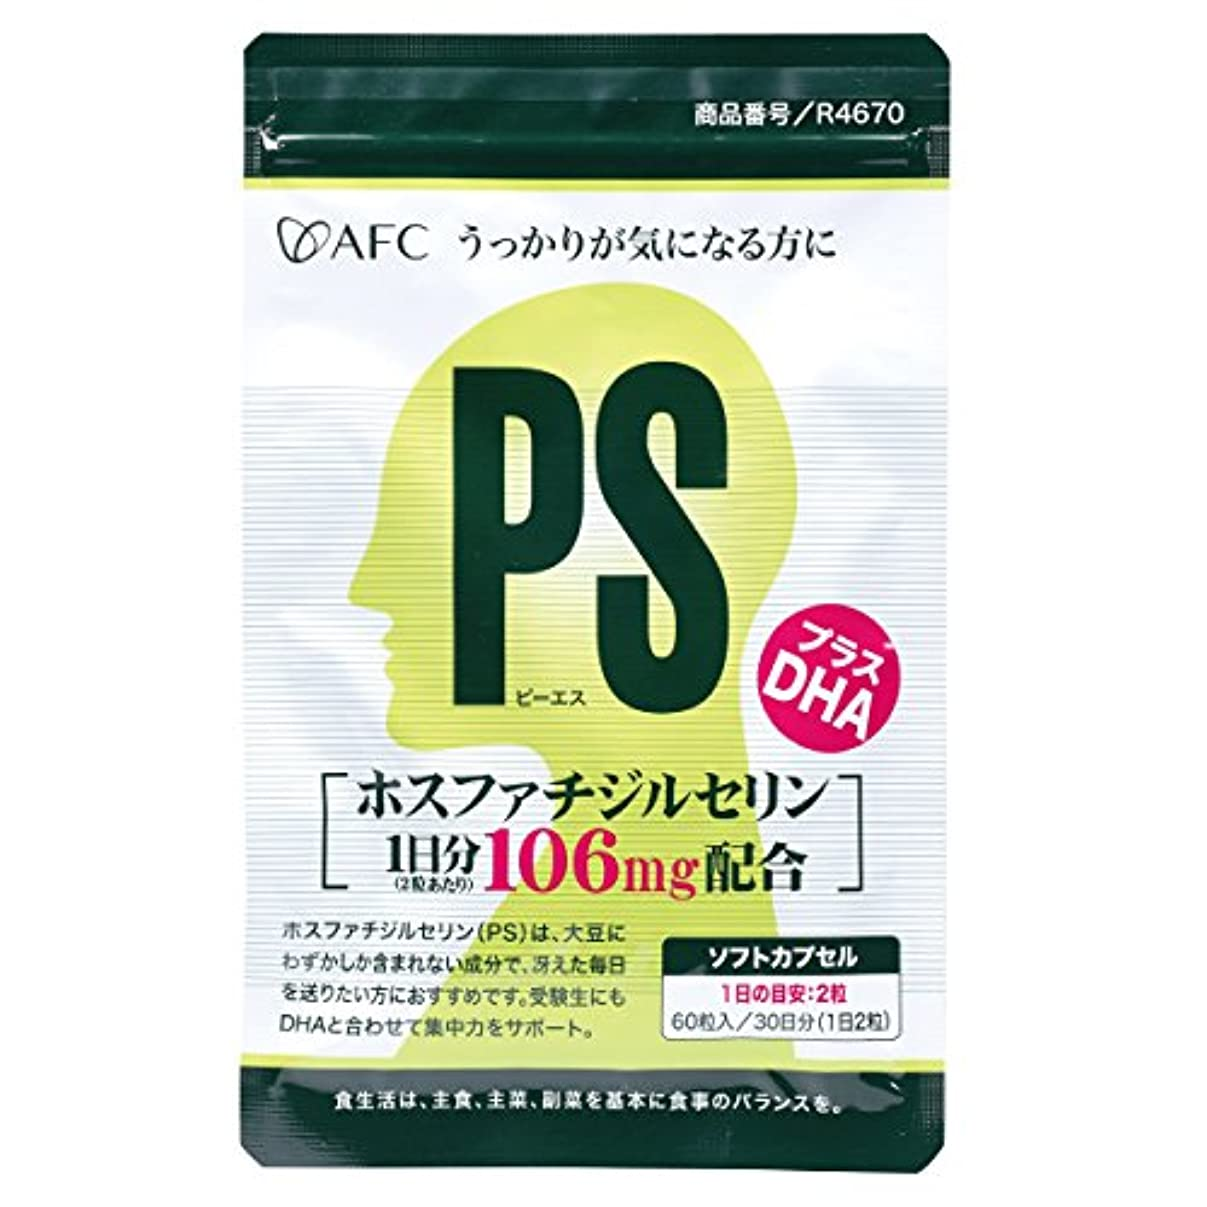 【AFC公式ショップ】PS PS ピーエス サプリメント 30日分 60粒 ホスファチジルセリン106mg